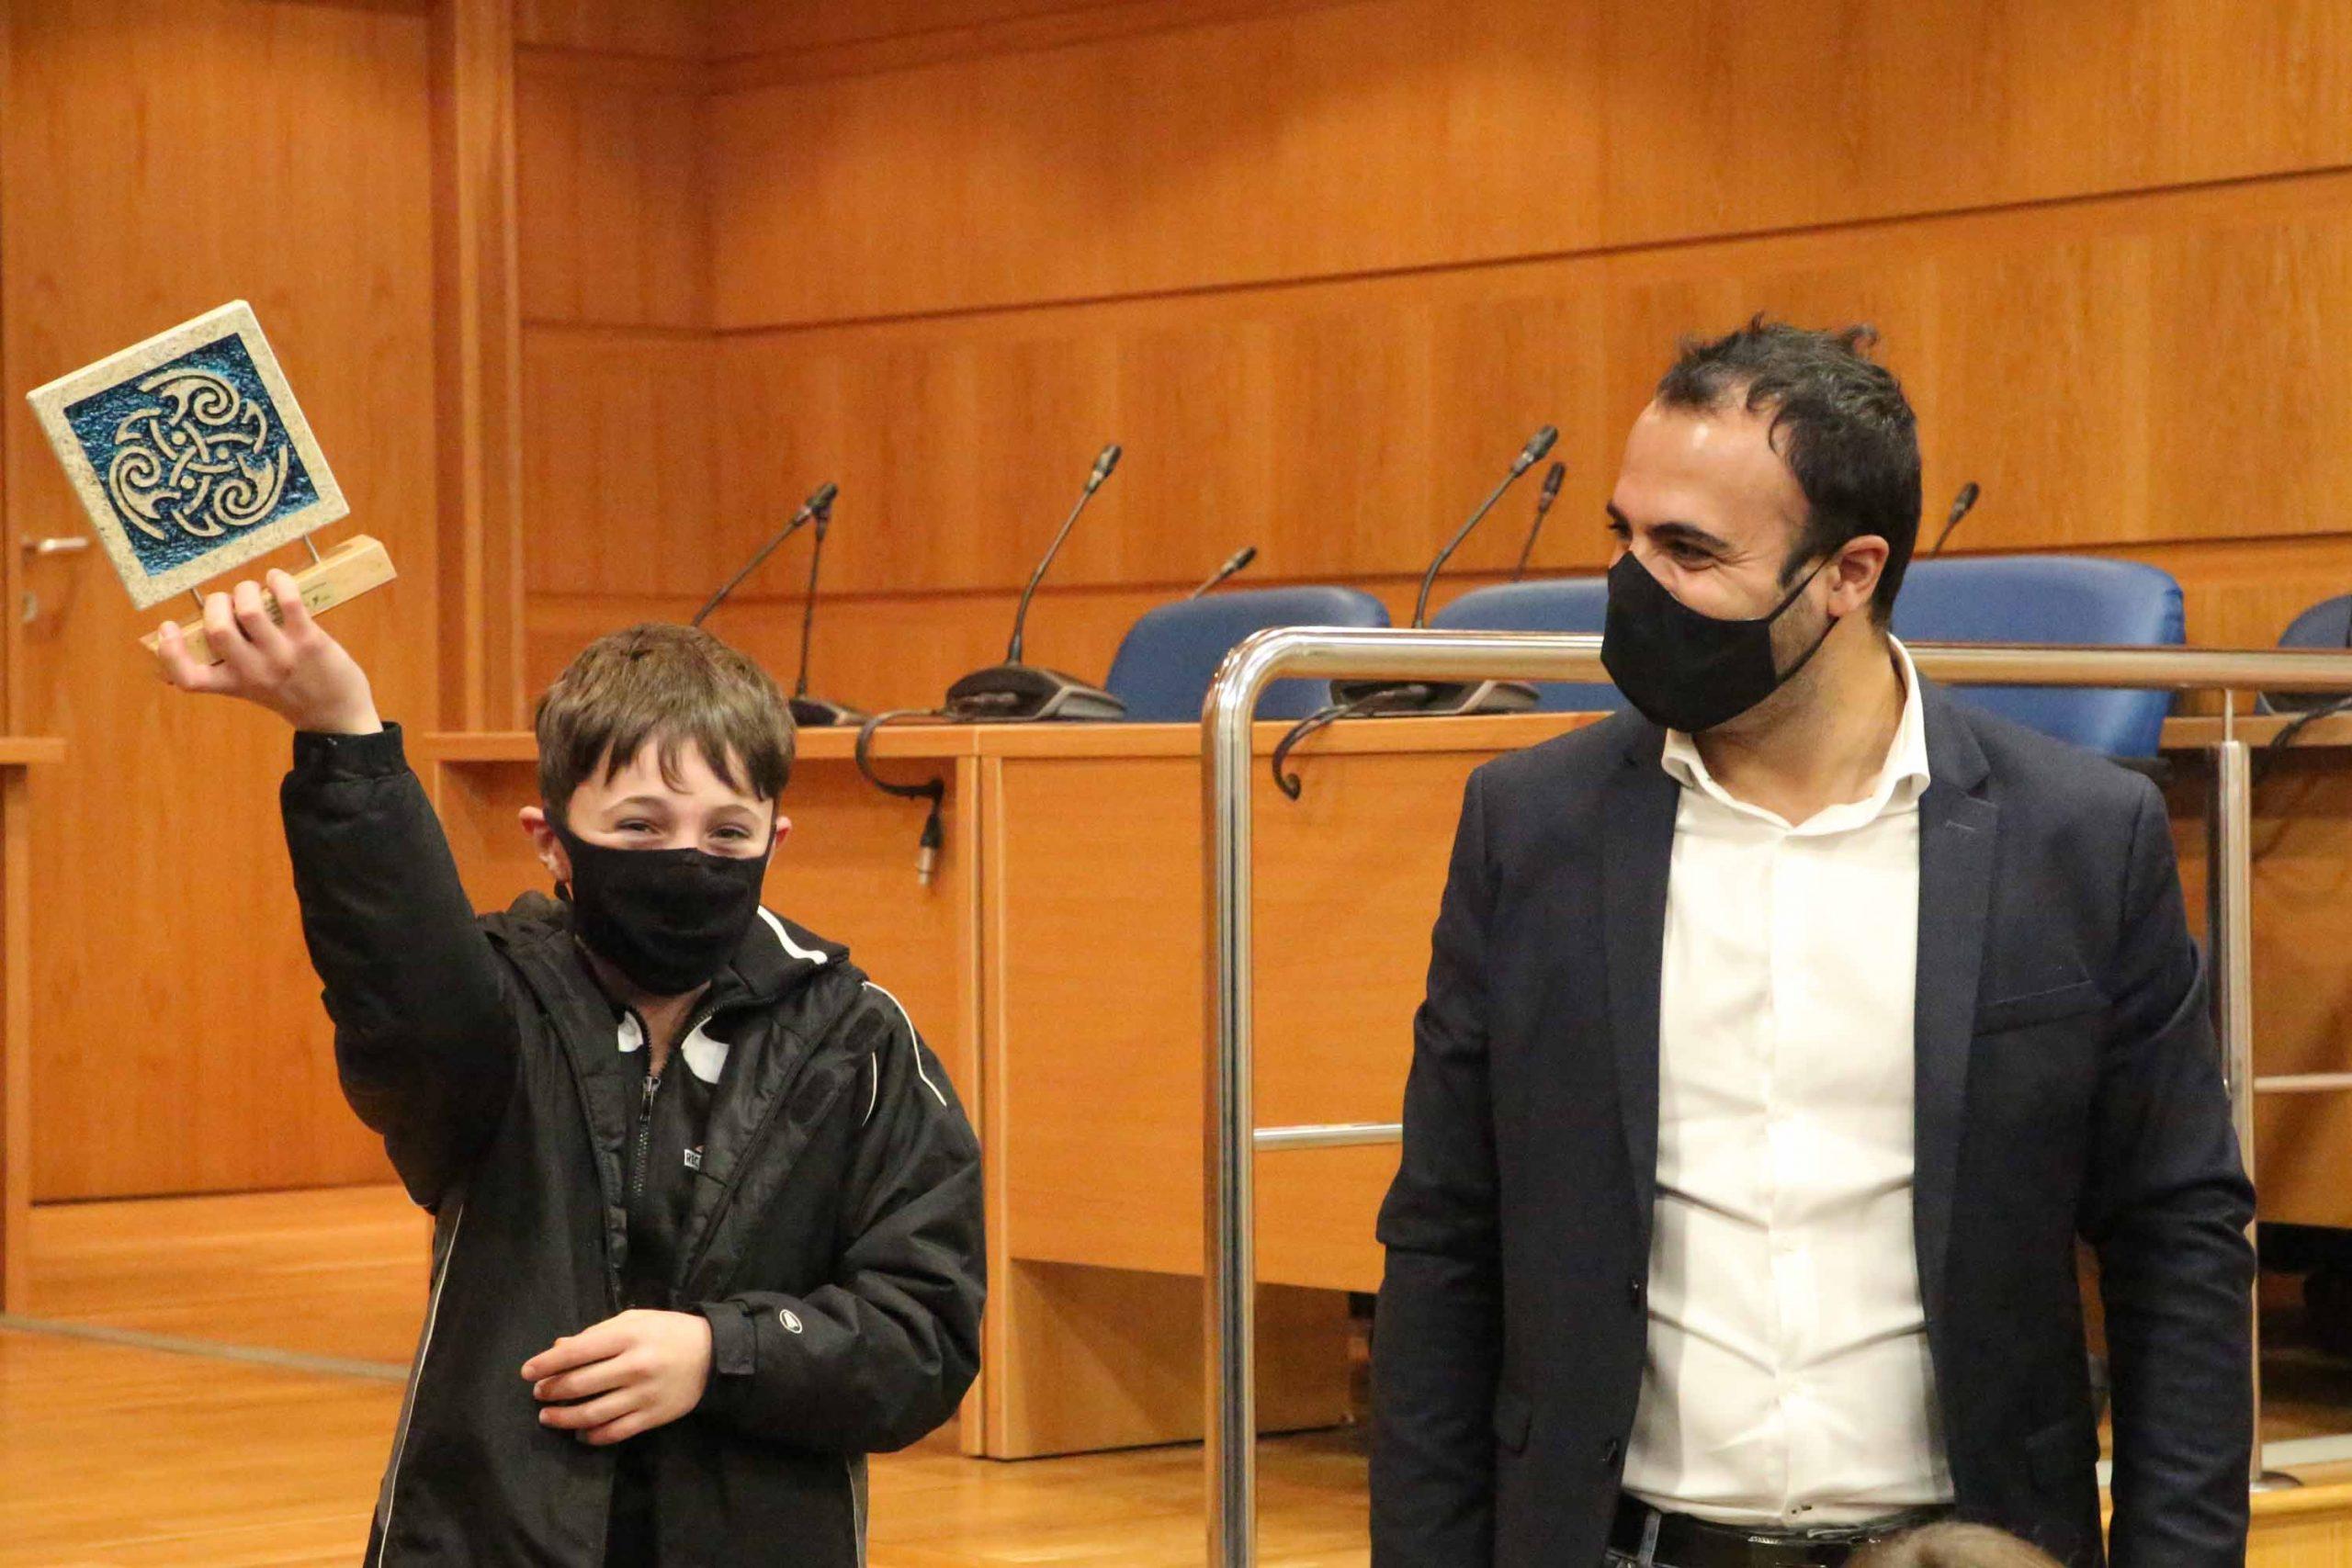 Hernán Sío e demais membros do club Ximnasia Porriño recibidos no Concello